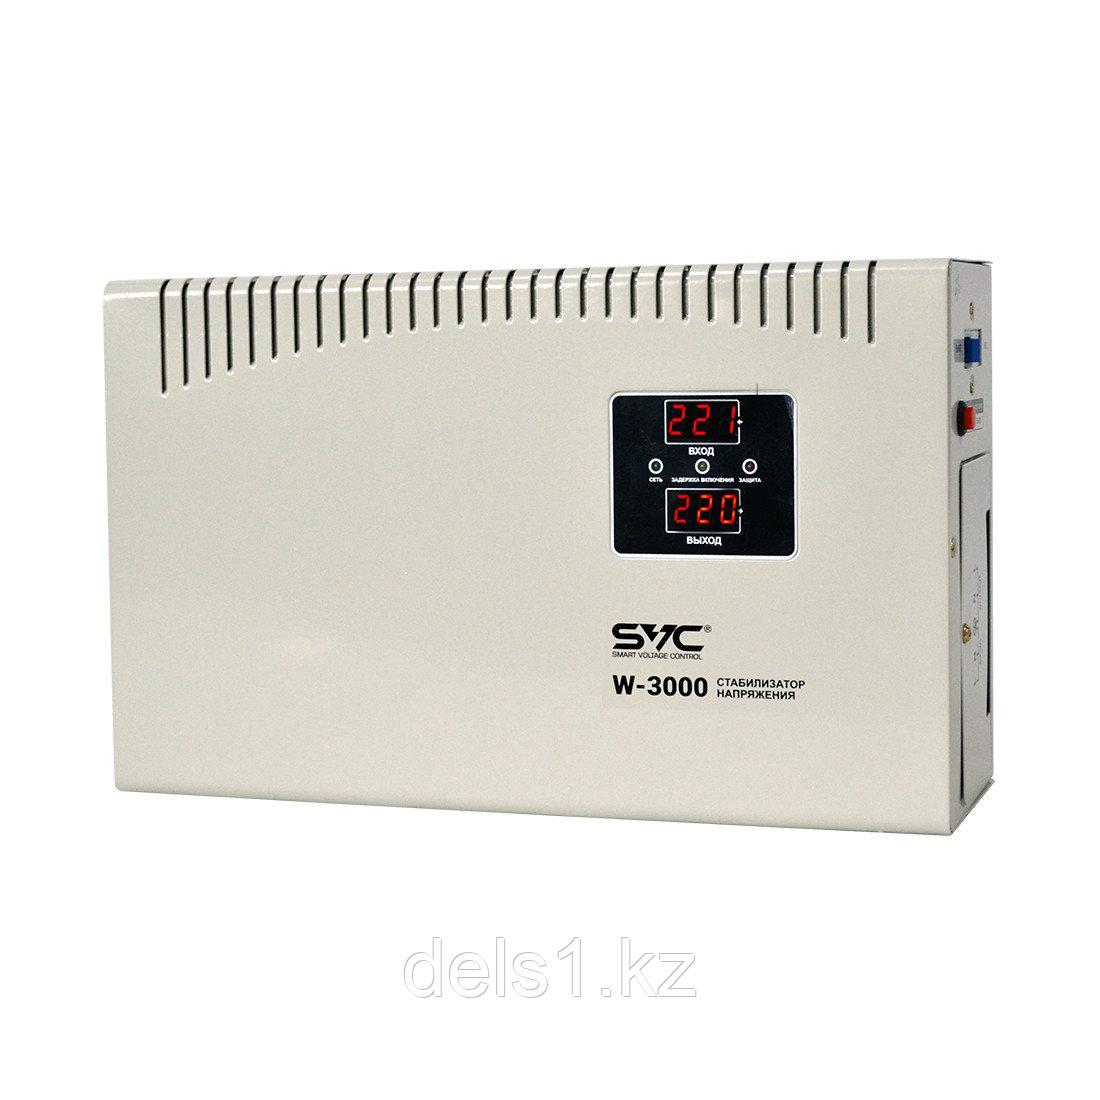 Стабилизатор SVC W-3000